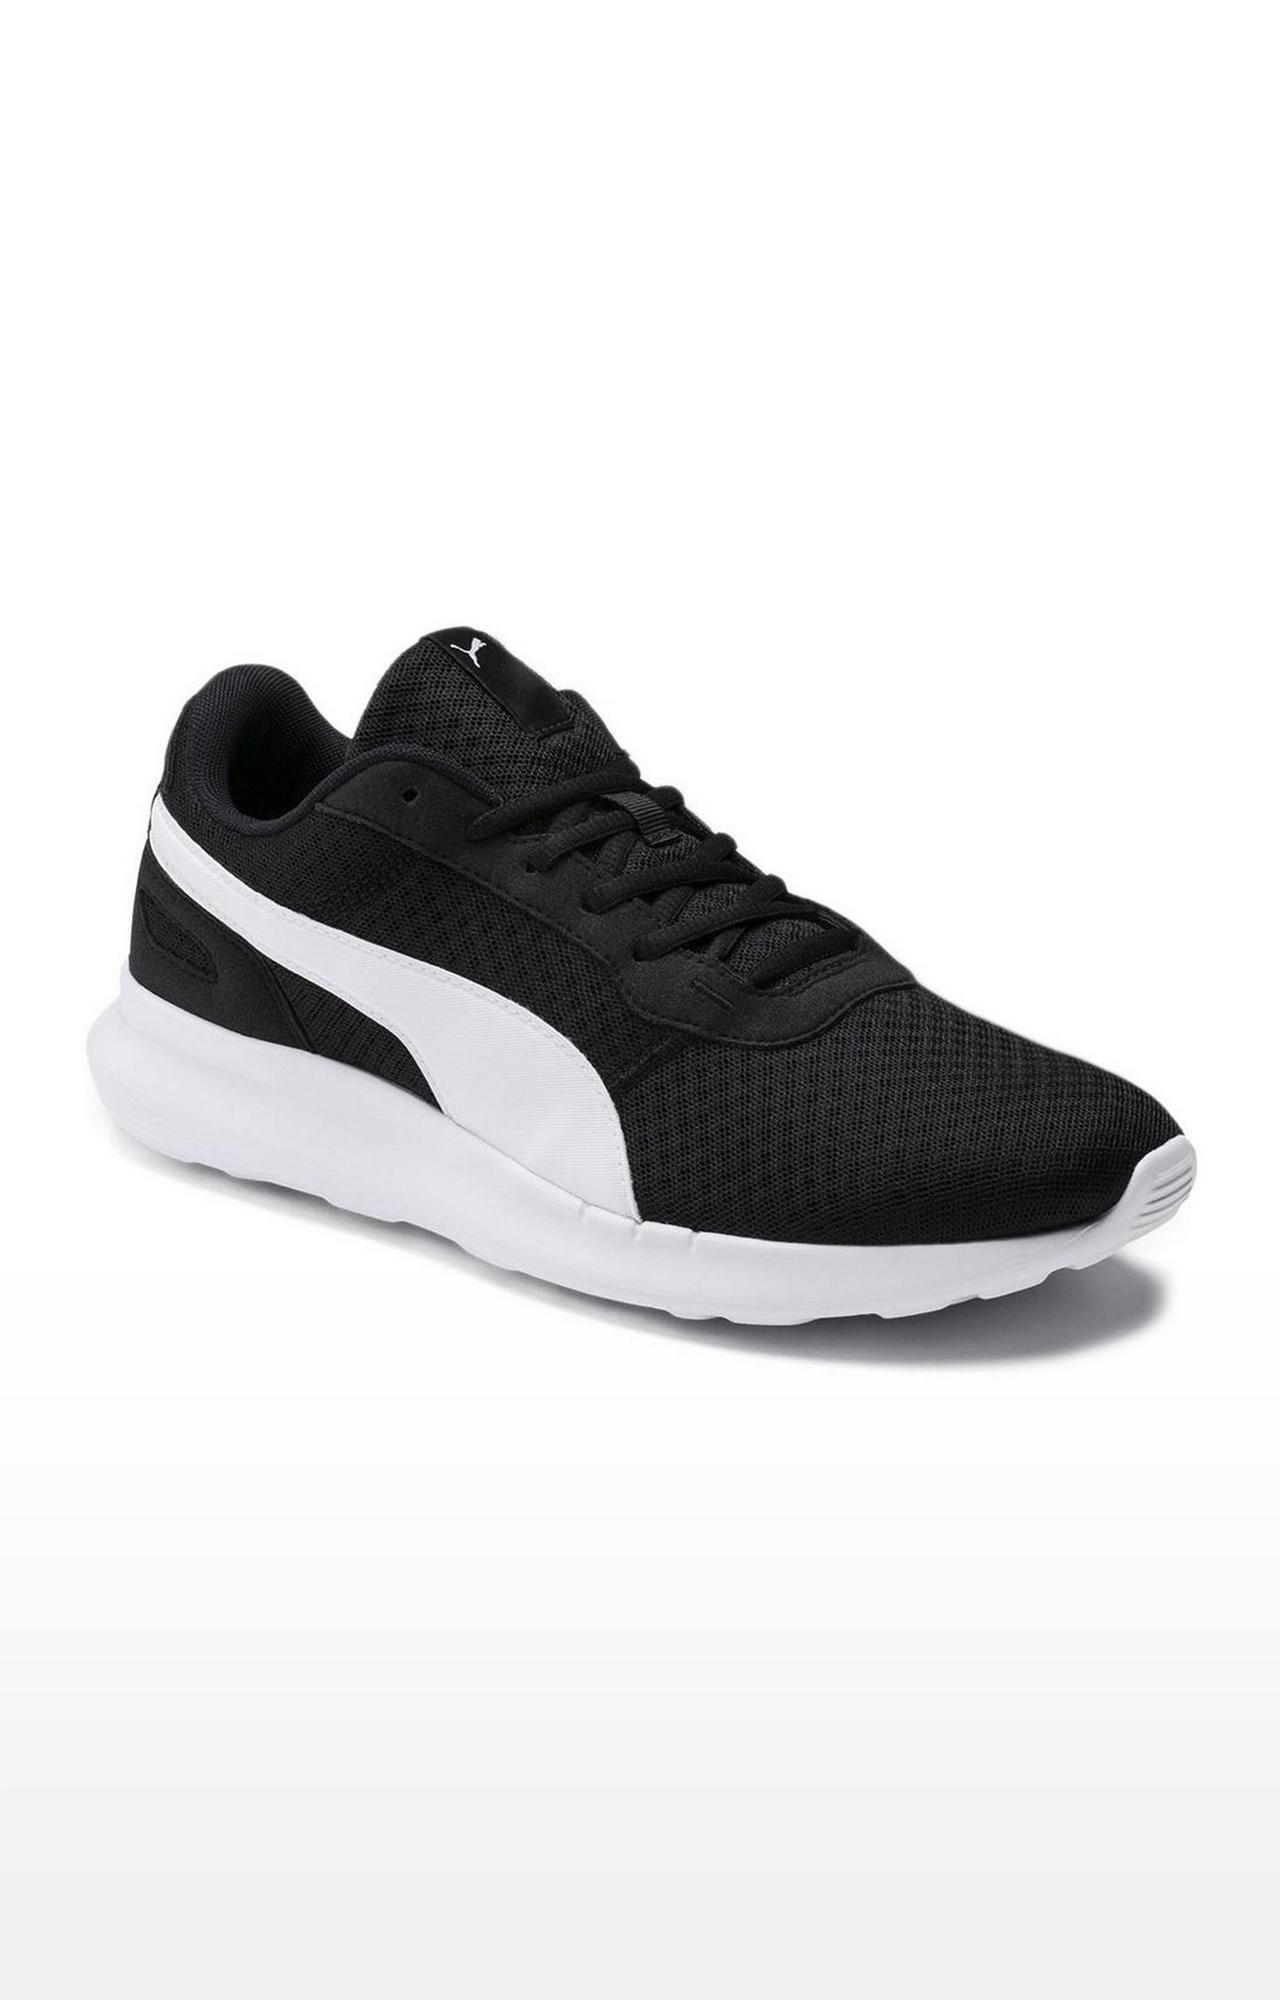 Puma | Puma St Activate Running Shoe